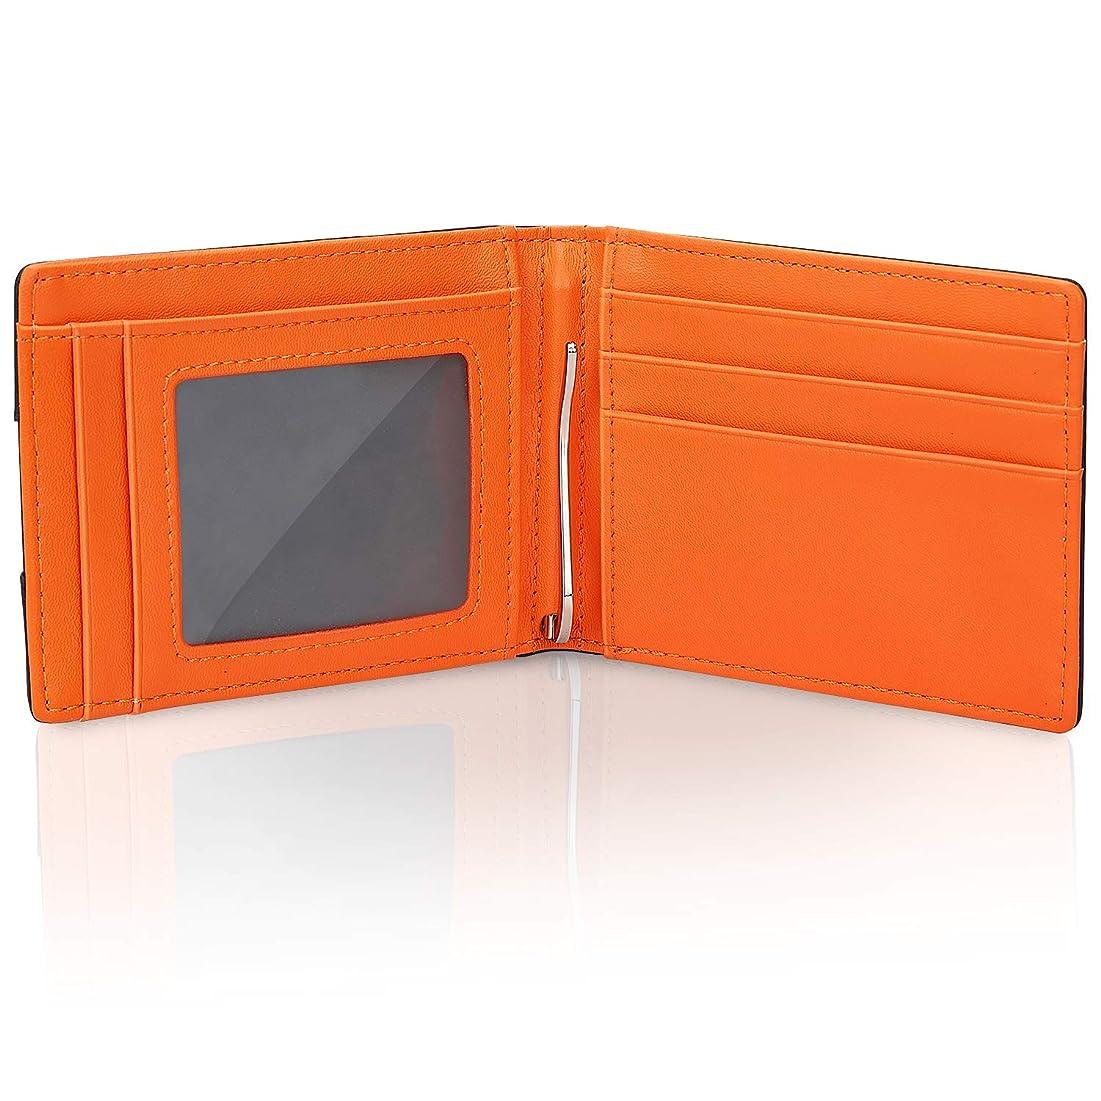 汗移住するアパートマネークリップ 二つ折り 財布 メンズ 牛革 札ばさみ 薄い 軽い 小銭入れ付き レザー 化粧箱付き